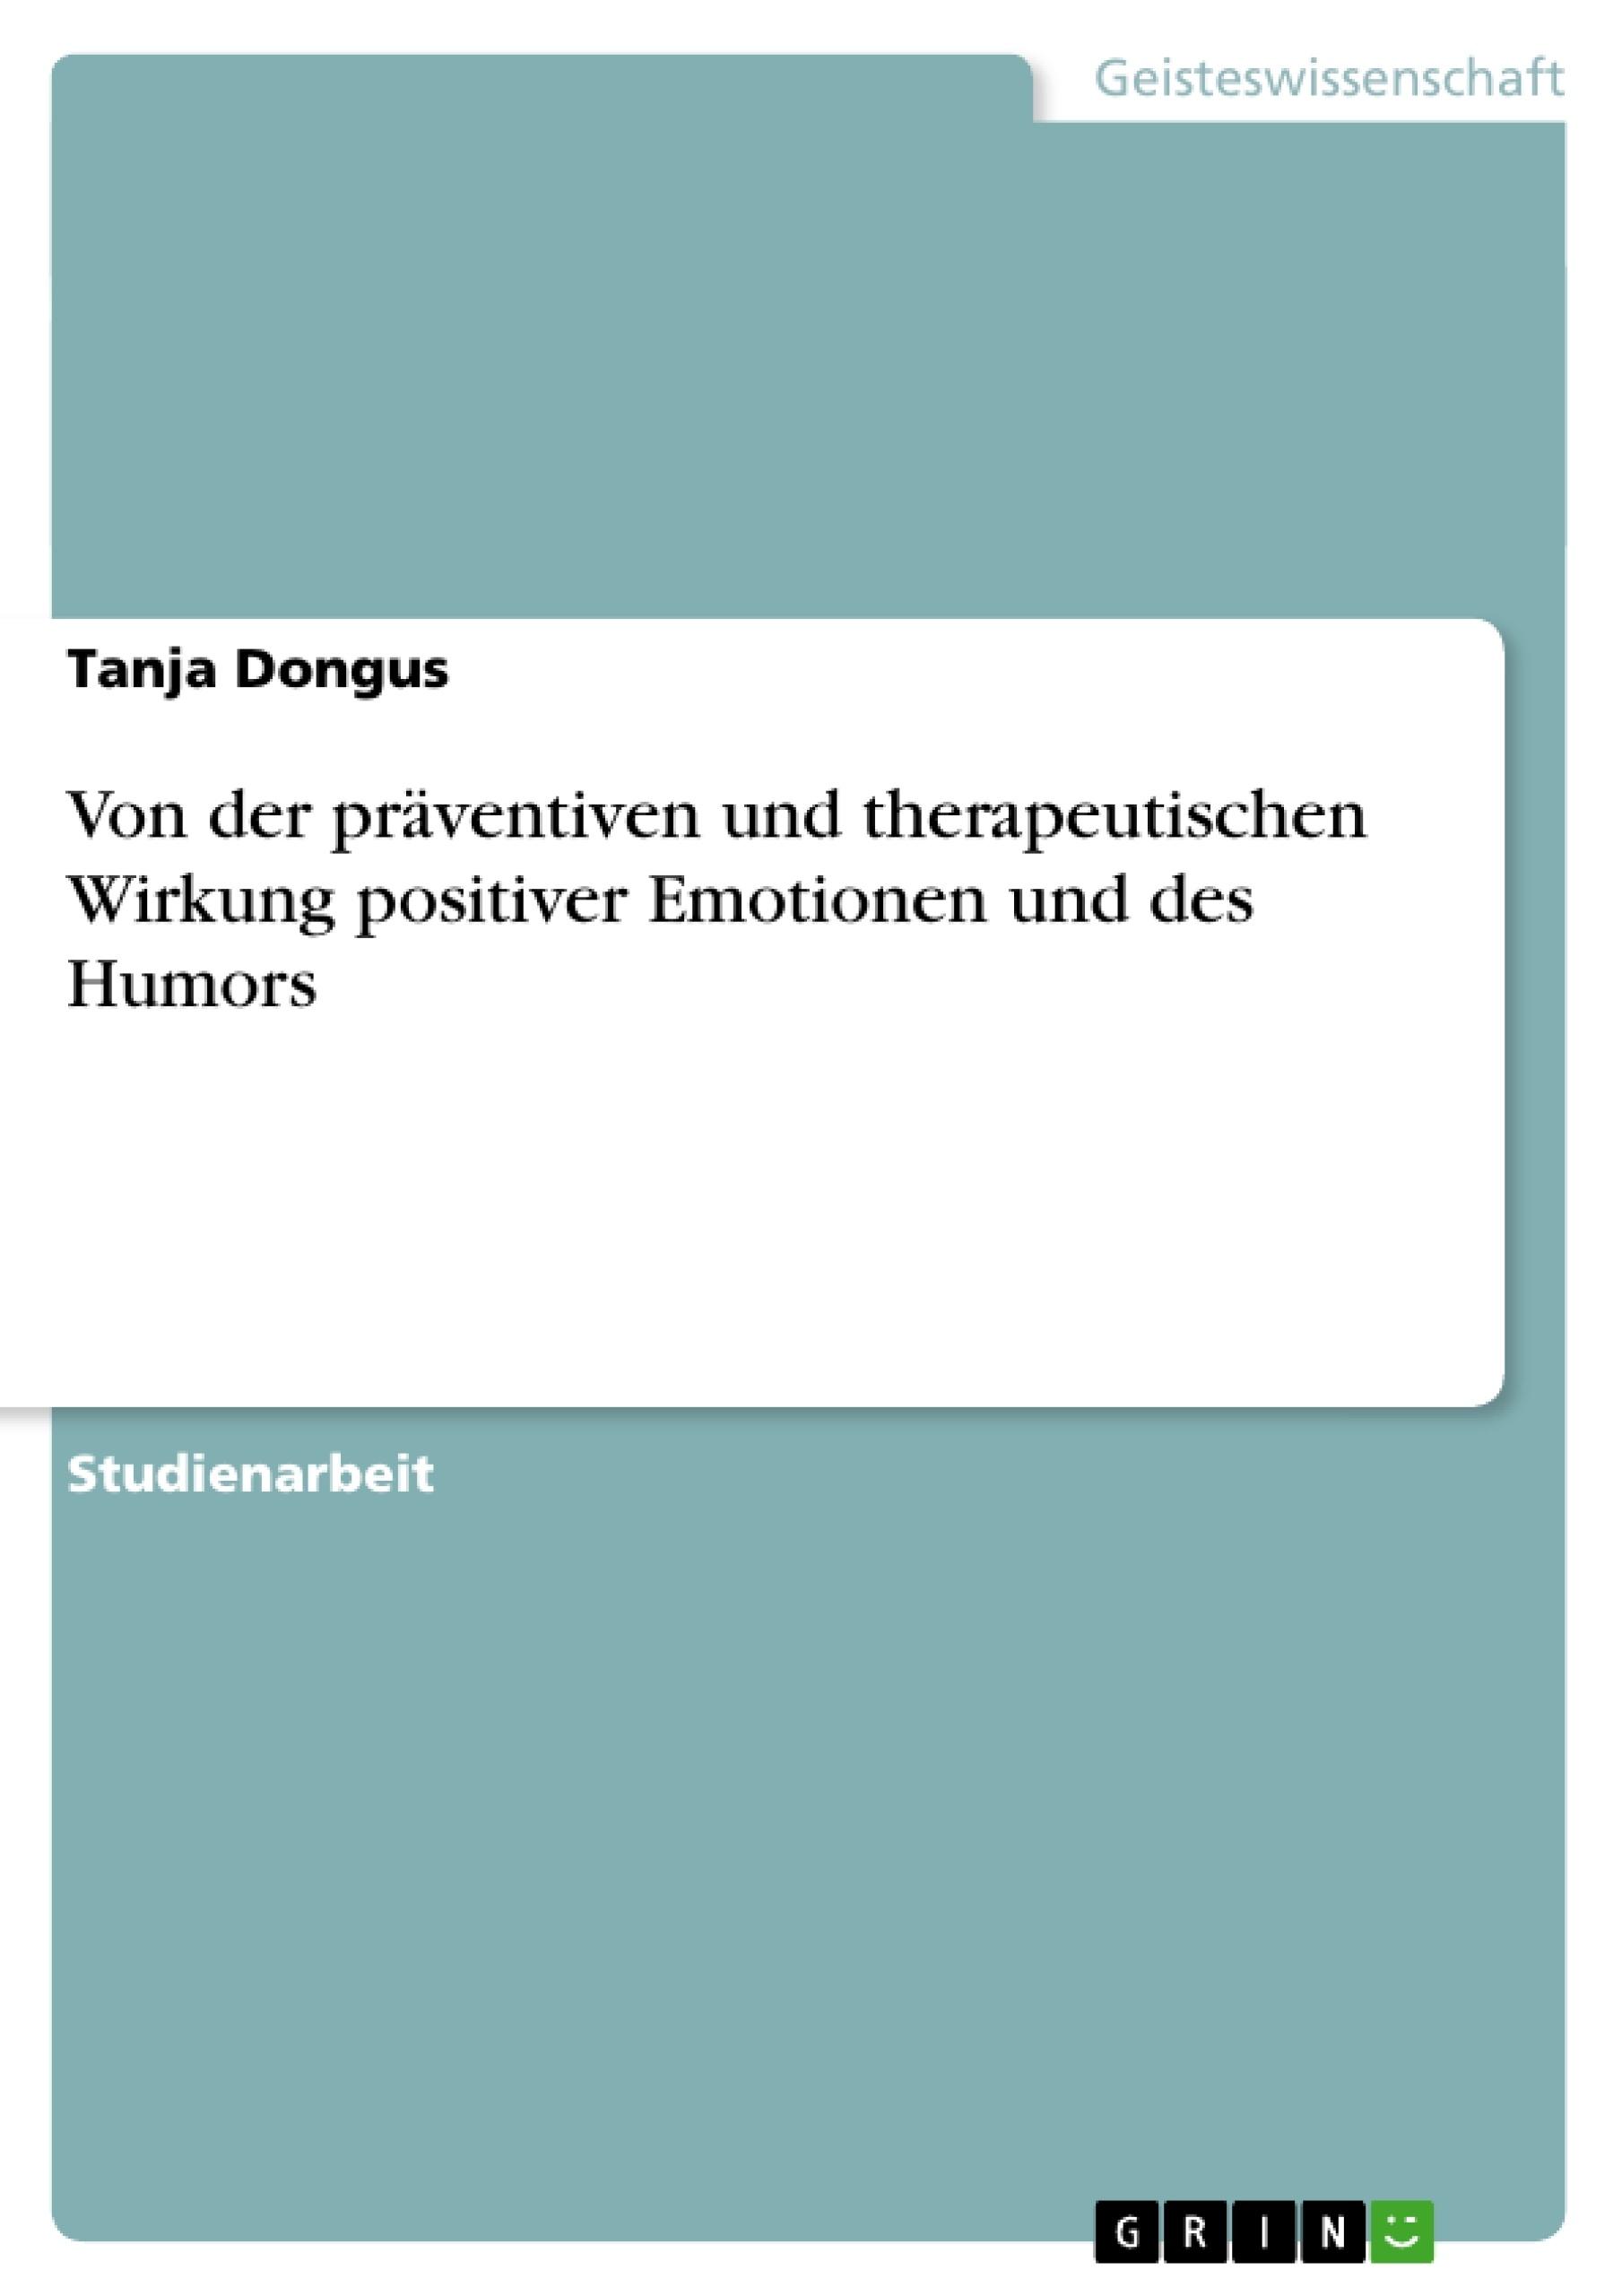 Titel: Von der präventiven und therapeutischen Wirkung positiver Emotionen und des Humors